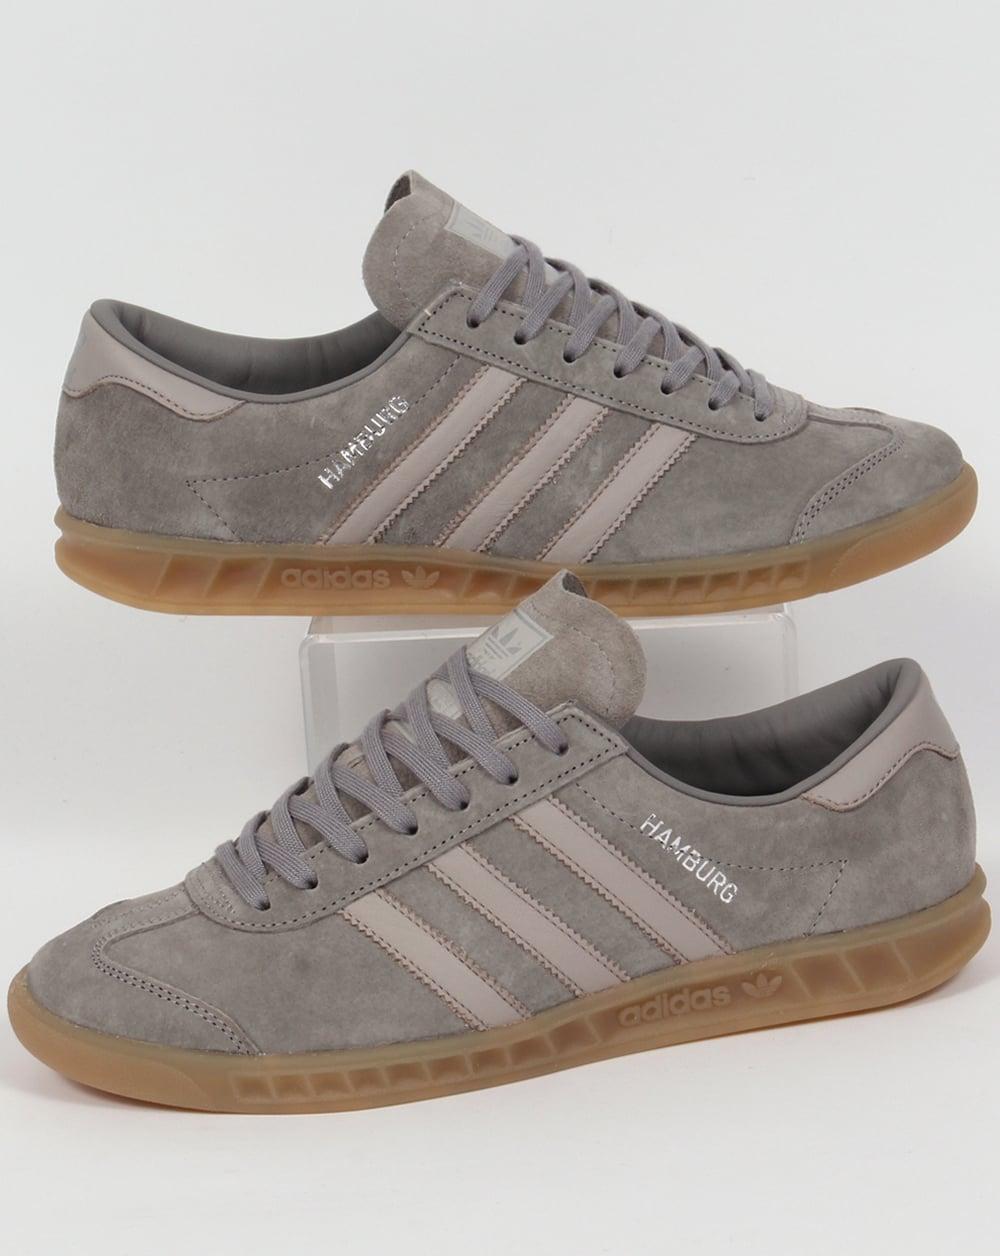 adidas hamburgs grey and black